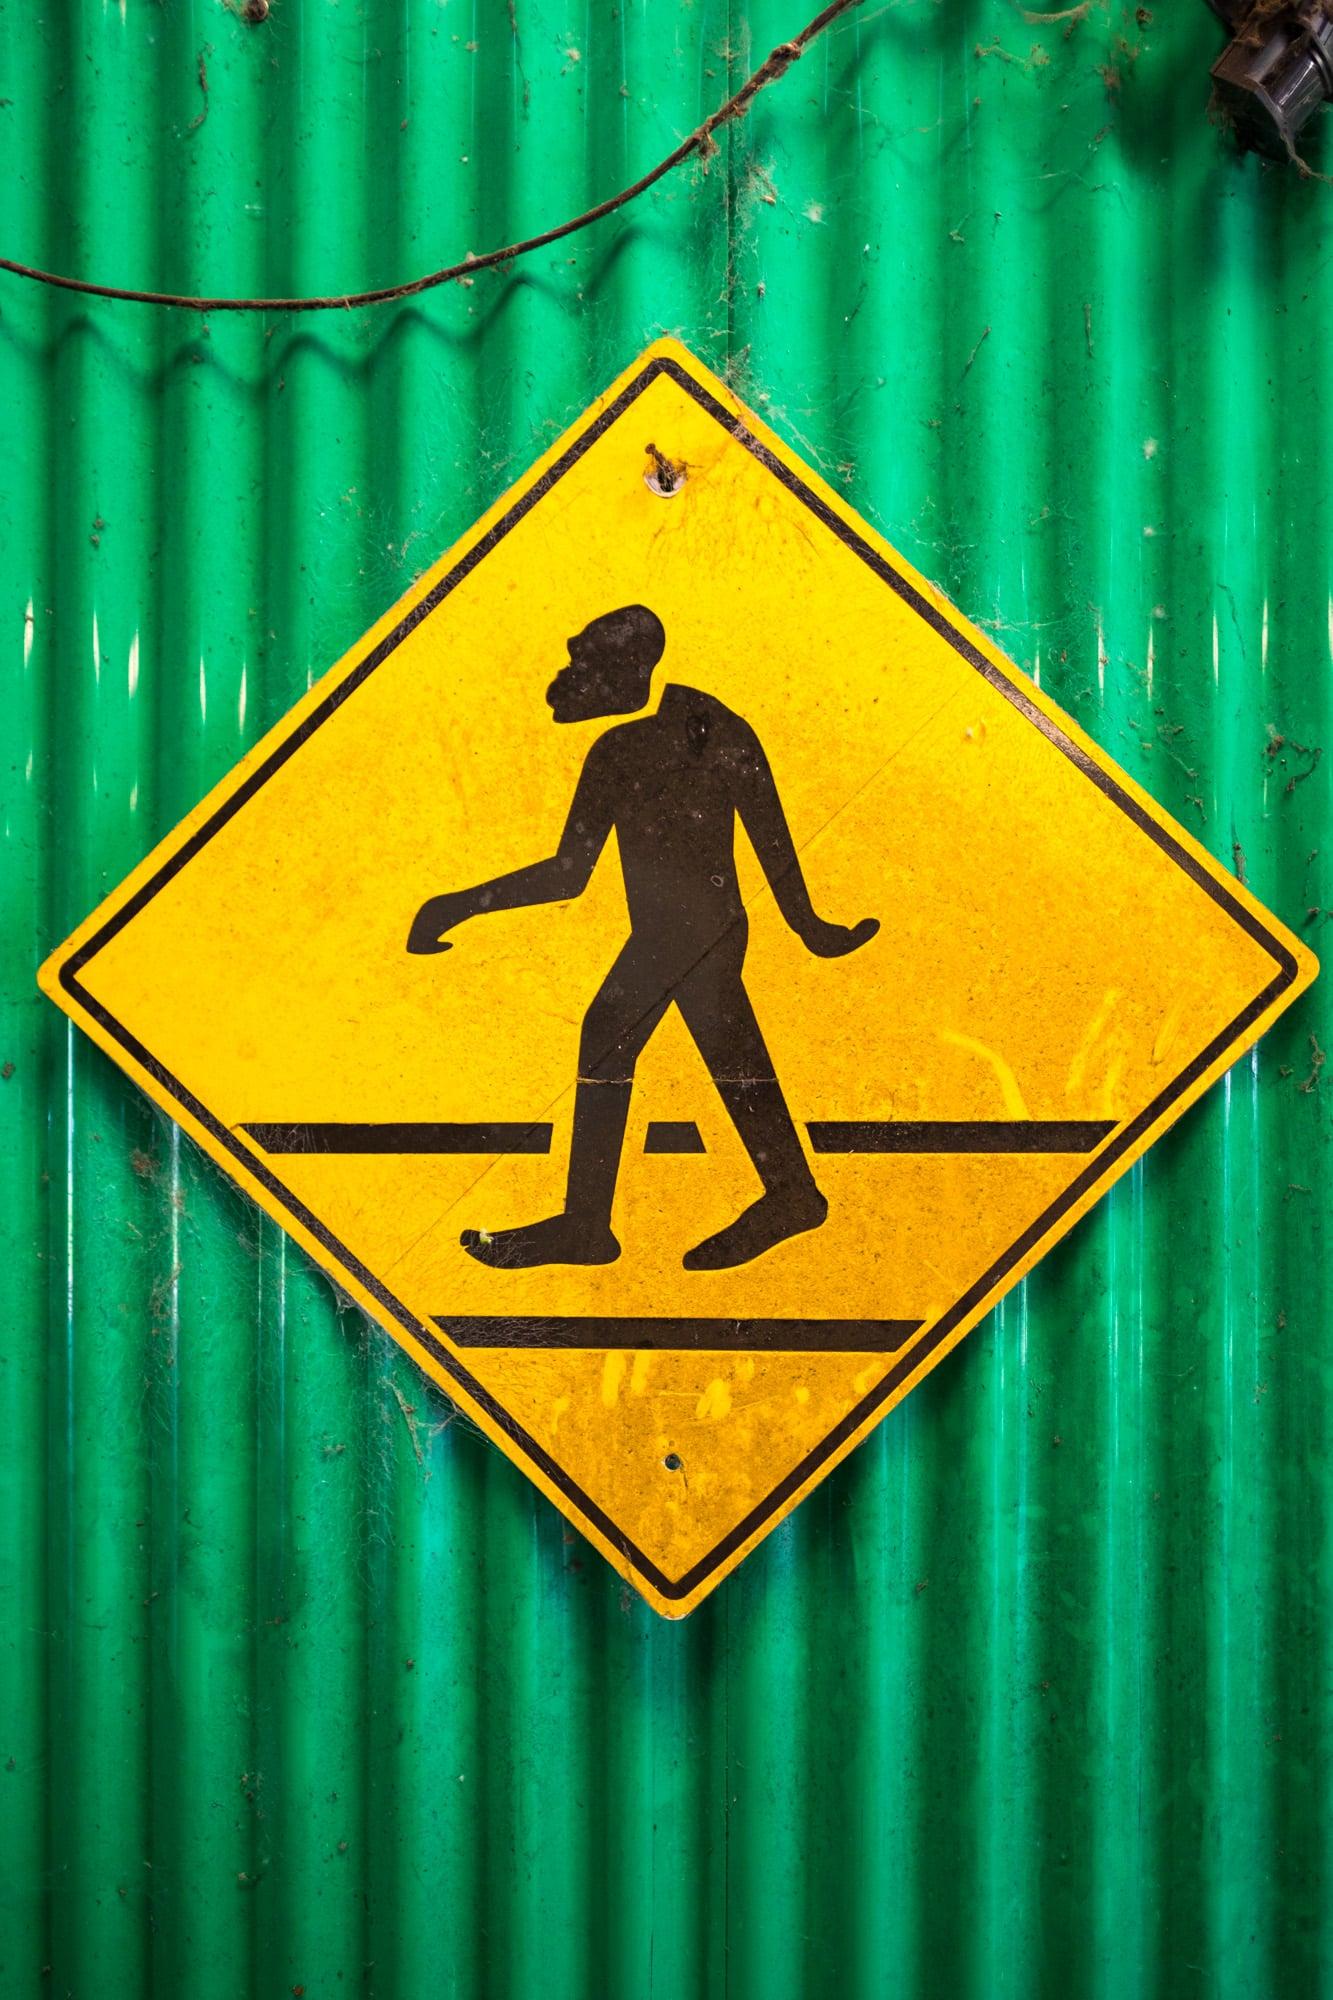 Beware of Skunk Ape crossing! The local bigfoot.